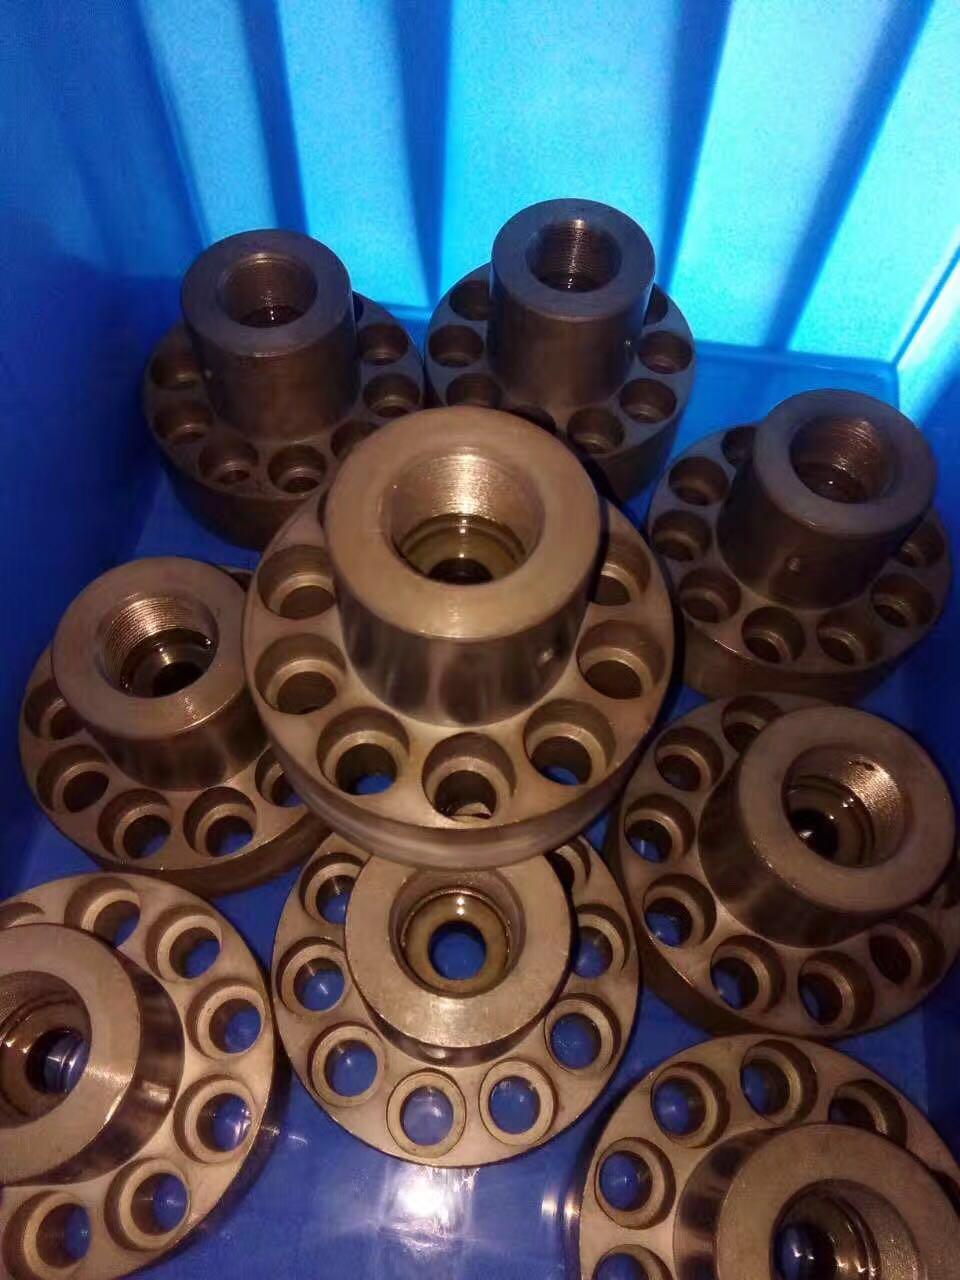 注塑机料筒螺杆法兰射咀分胶头批发销售非标订做质量可靠价格便宜